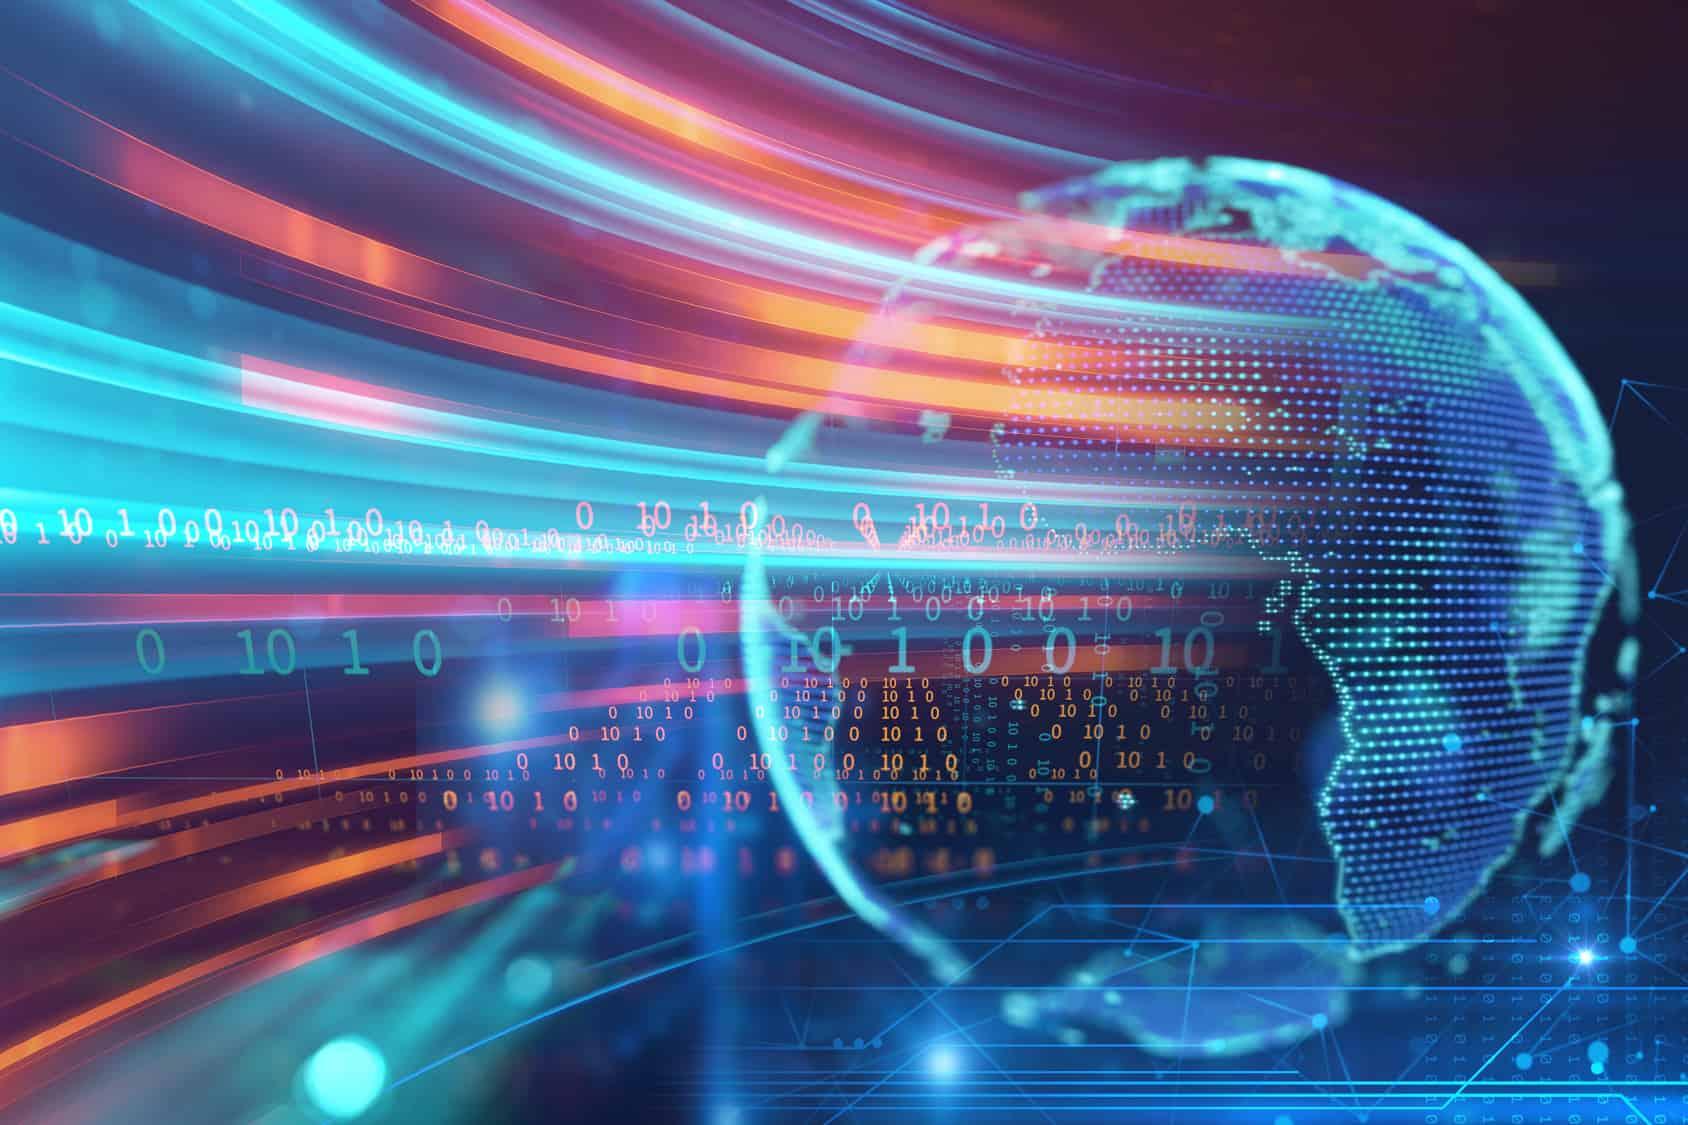 Representantes de la industria de las Tecnologías de la Información y la Comunicación (TIC) plantearon que para la buena implementación de una Agenda Digital Nacional (ADN) 2018,